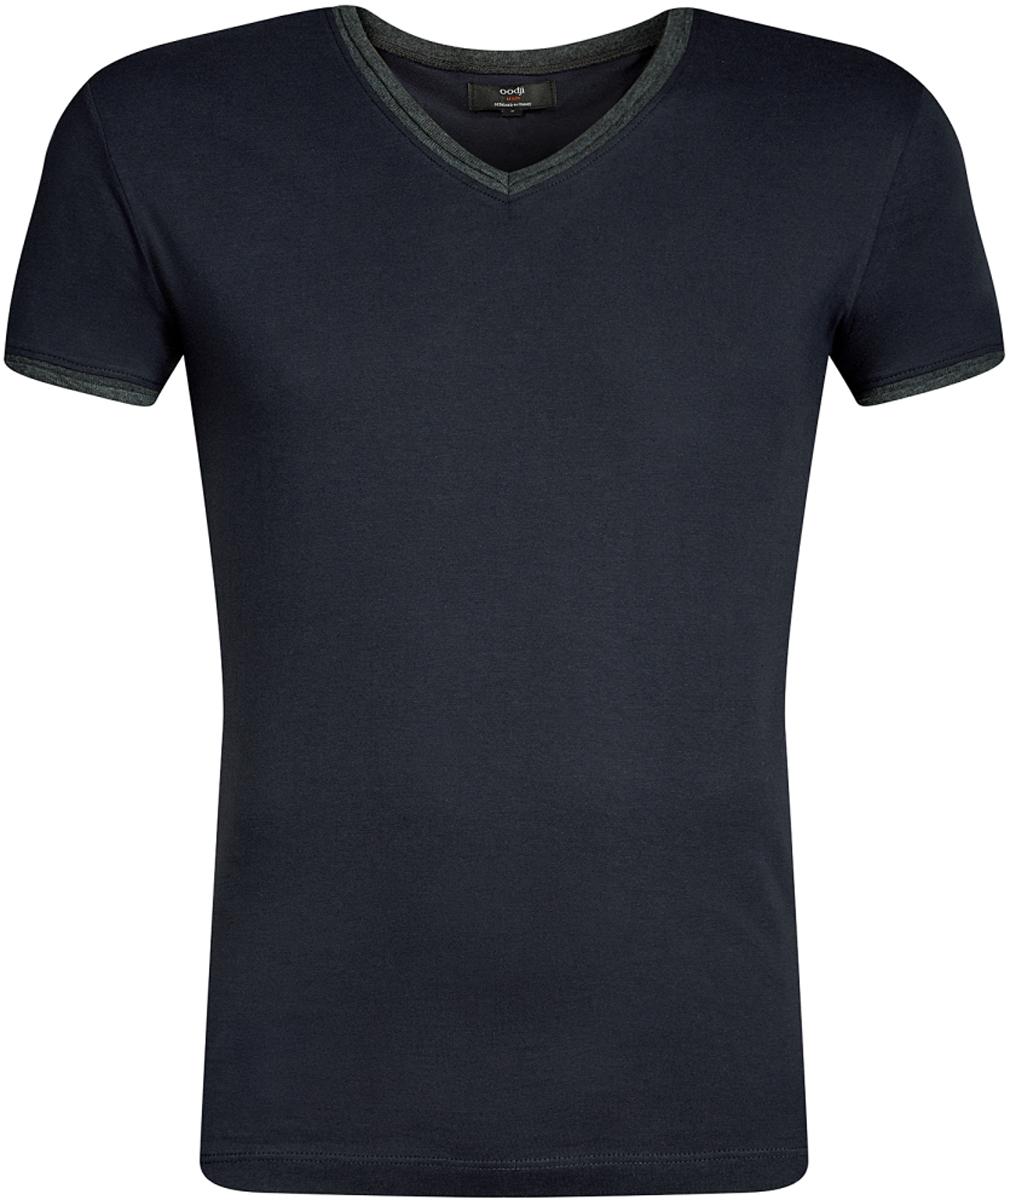 Футболка мужская oodji Lab, цвет: темно-синий, темно-серый. 5L612017M/39485N/7925B. Размер L (52/54)5L612017M/39485N/7925BСтильная футболка от oodji с V-образным вырезом и короткими рукавами выполнена из натурального хлопка. Модель декорирована контрастной отделкой.